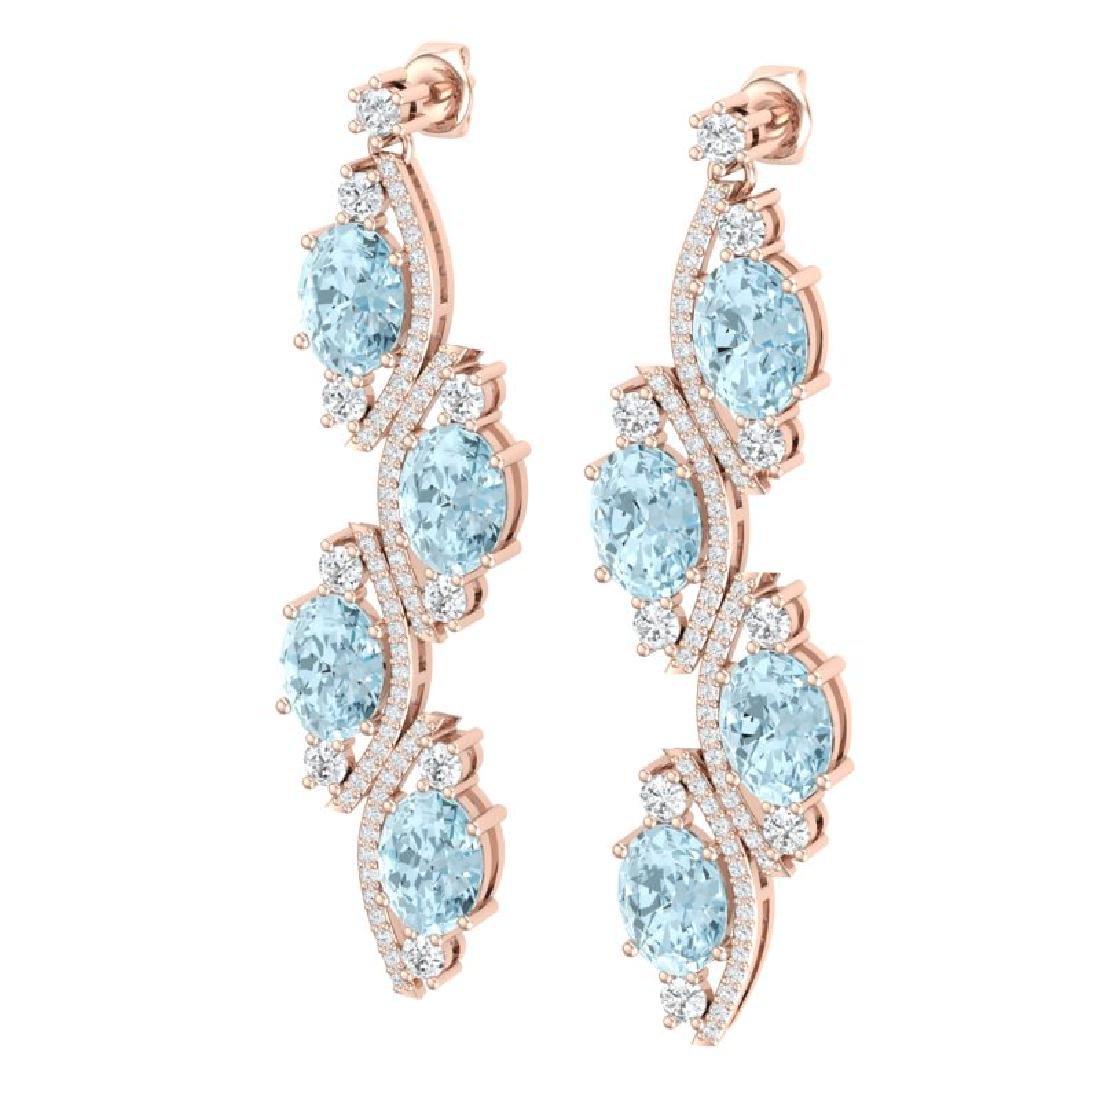 15.72 CTW Royalty Sky Topaz & VS Diamond Earrings 18K - 2